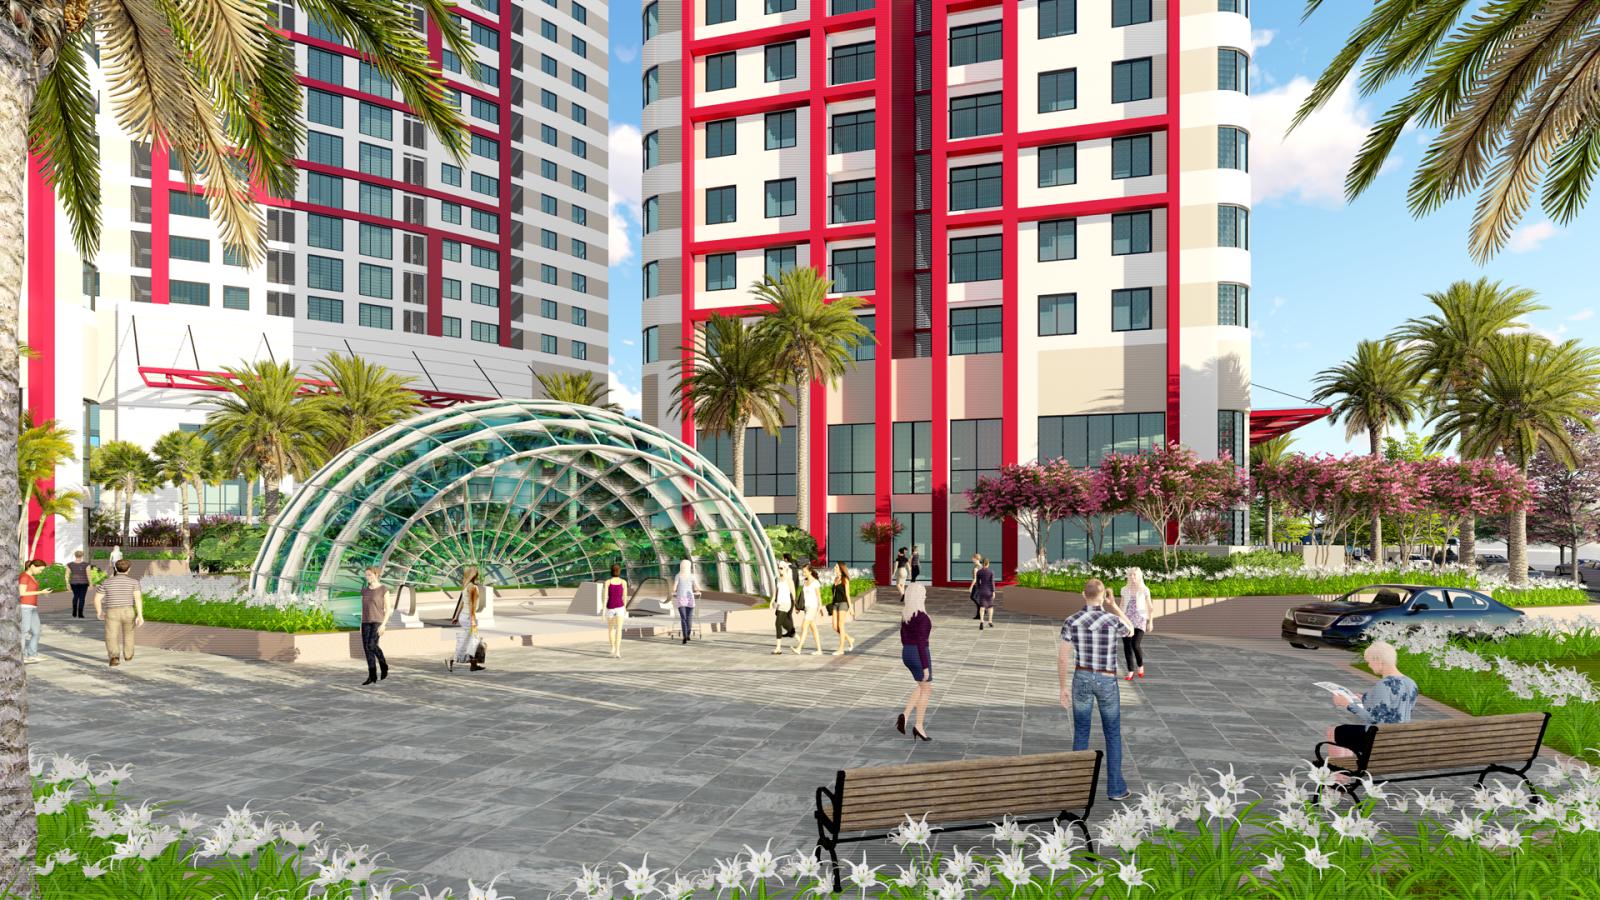 Dự án nhà liền kề 360 Giải Phóng Imperial Plaza – viên ngọc giữa lòng thủ đô